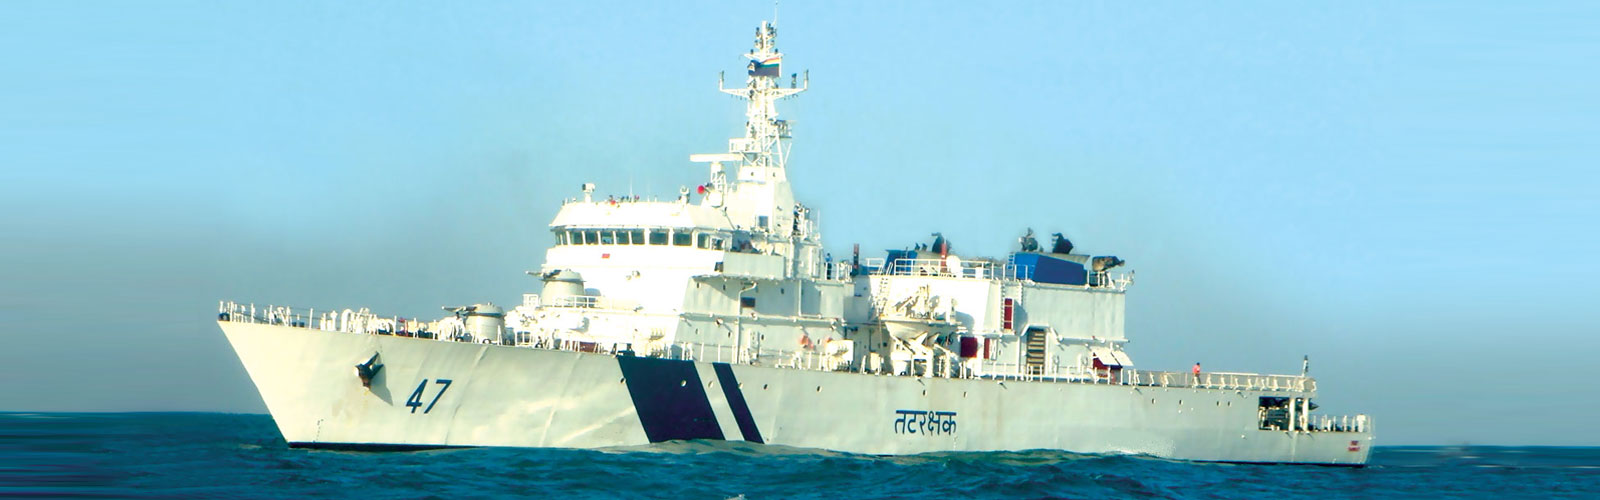 105 M Offshore Patrol Vessel copy